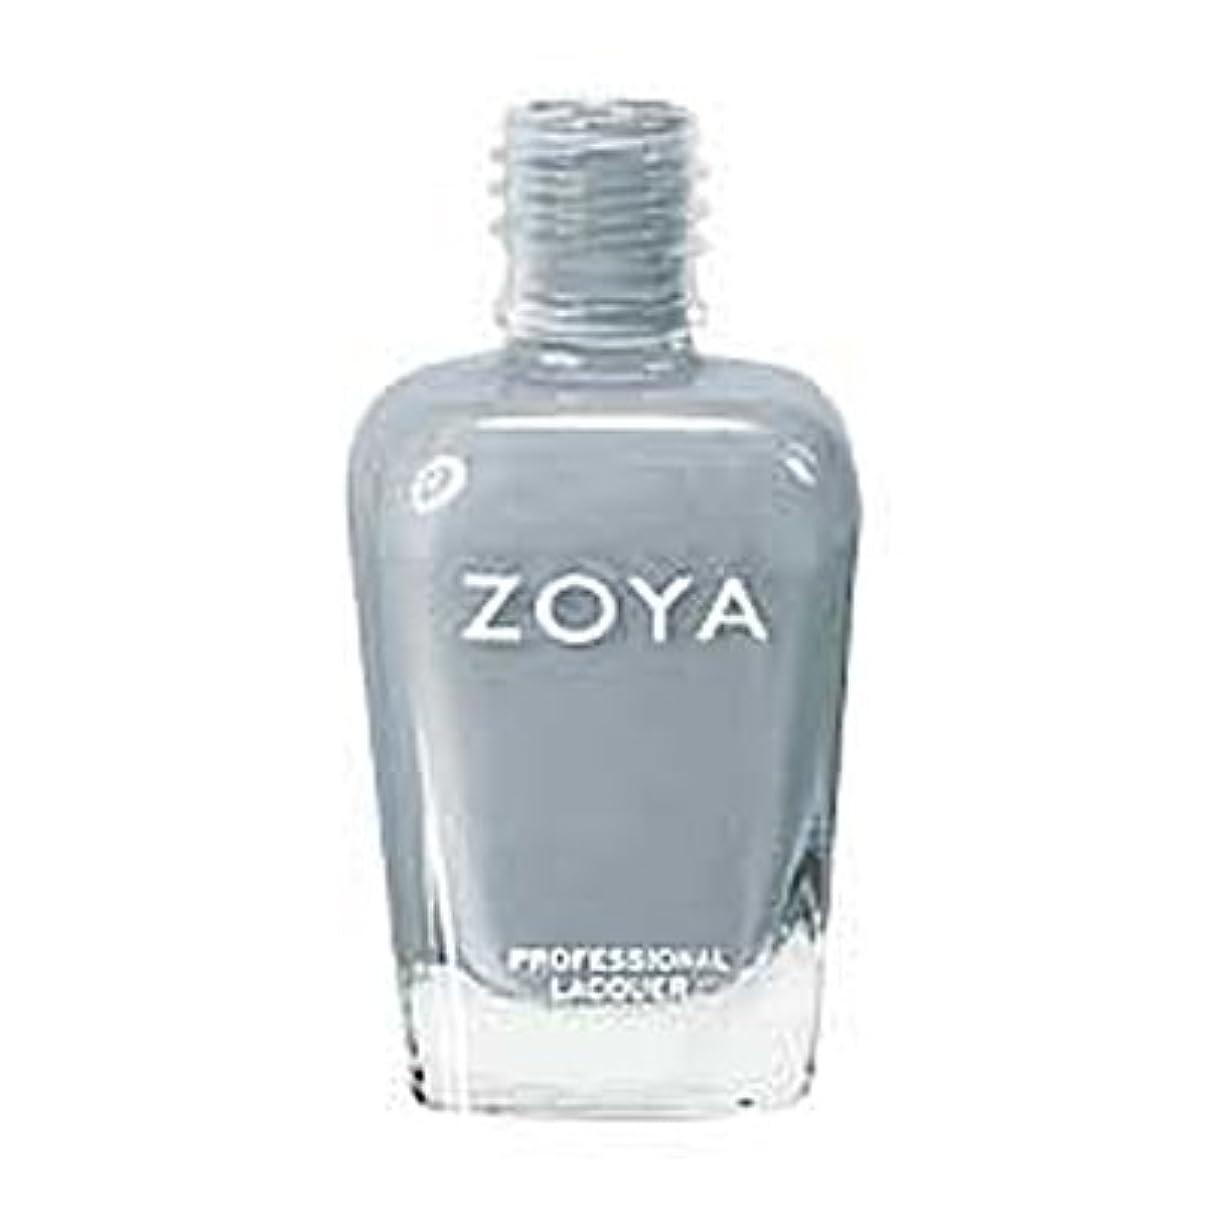 期待してノートスキャンダラス[Zoya] ZP591 クリスティン [Feel Collection][並行輸入品][海外直送品]